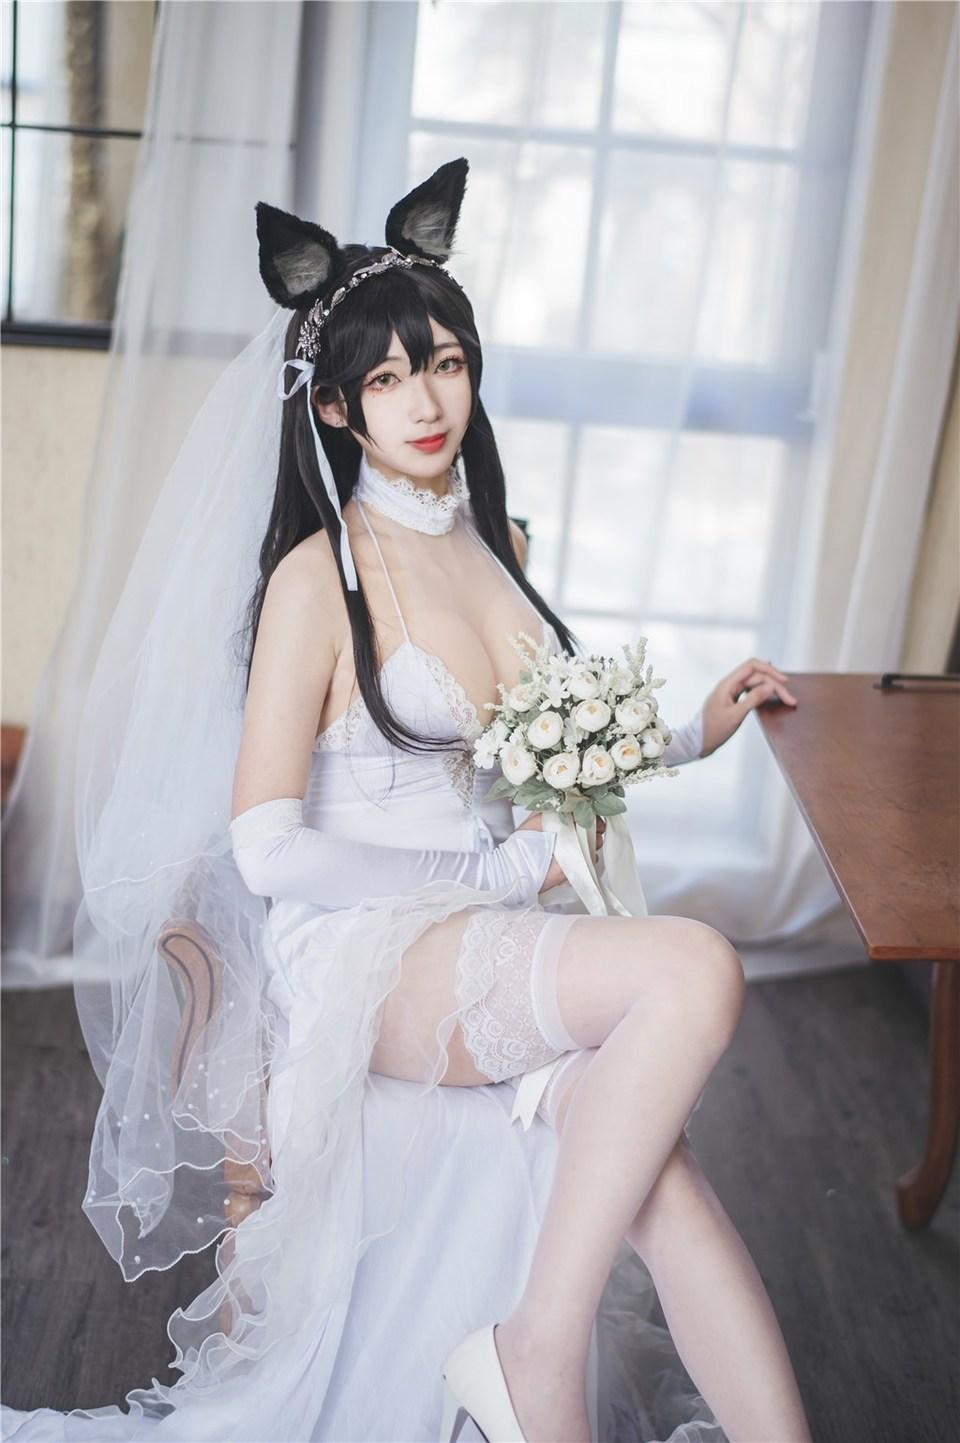 少女写真@碧蓝-爱宕婚纱 [40P]